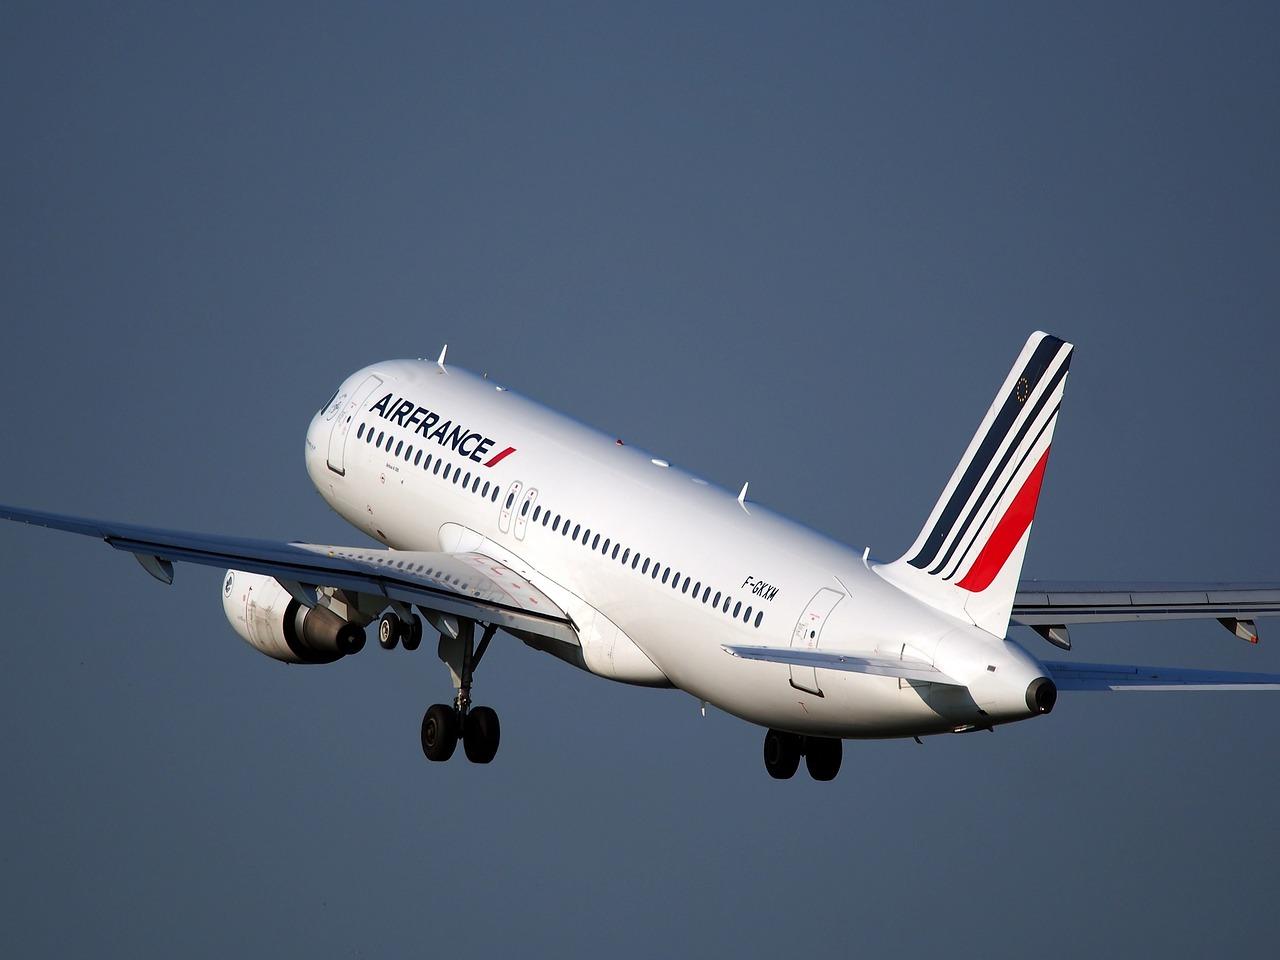 Air France ne viendra pas au secours de XL Airways